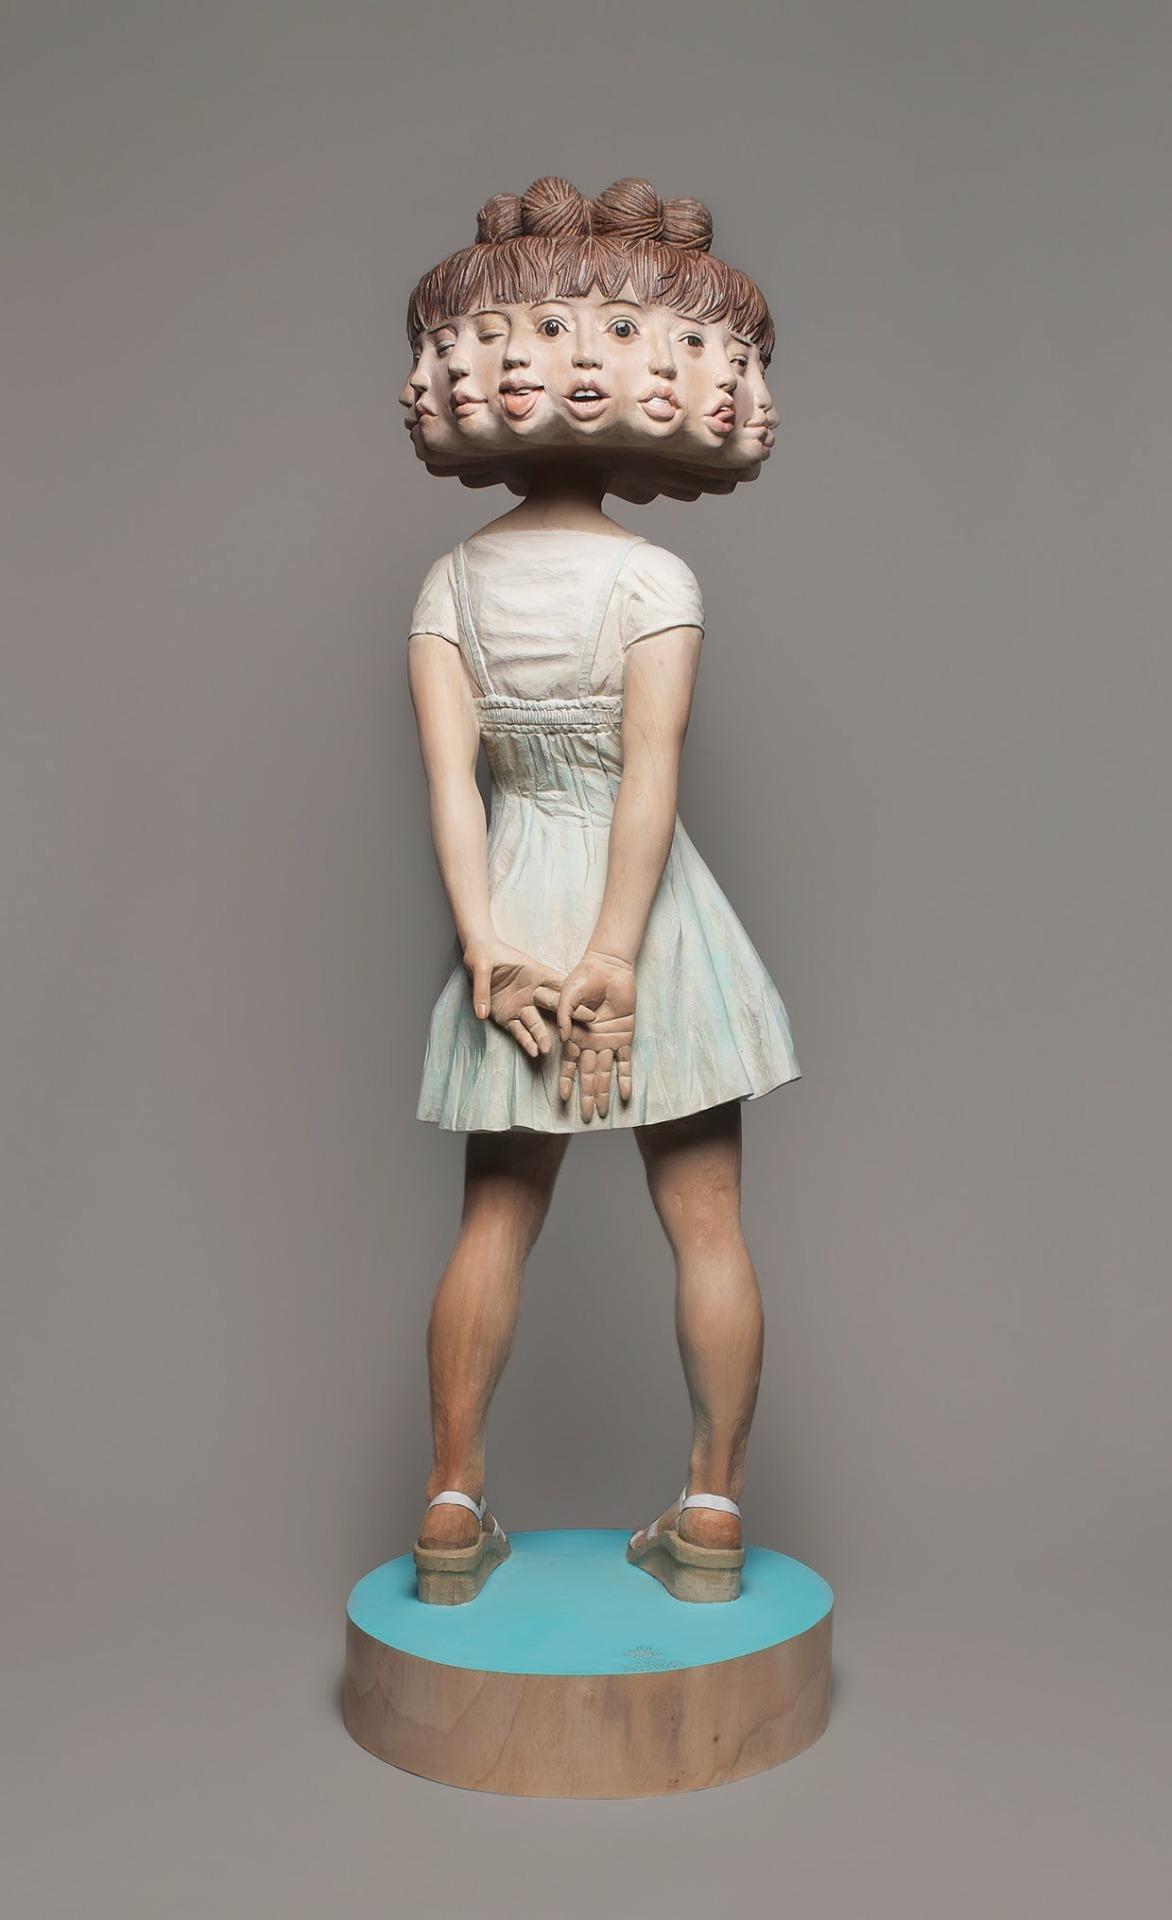 Este escultor japonês mostra como transforma a madeira em estátuas surreais 12